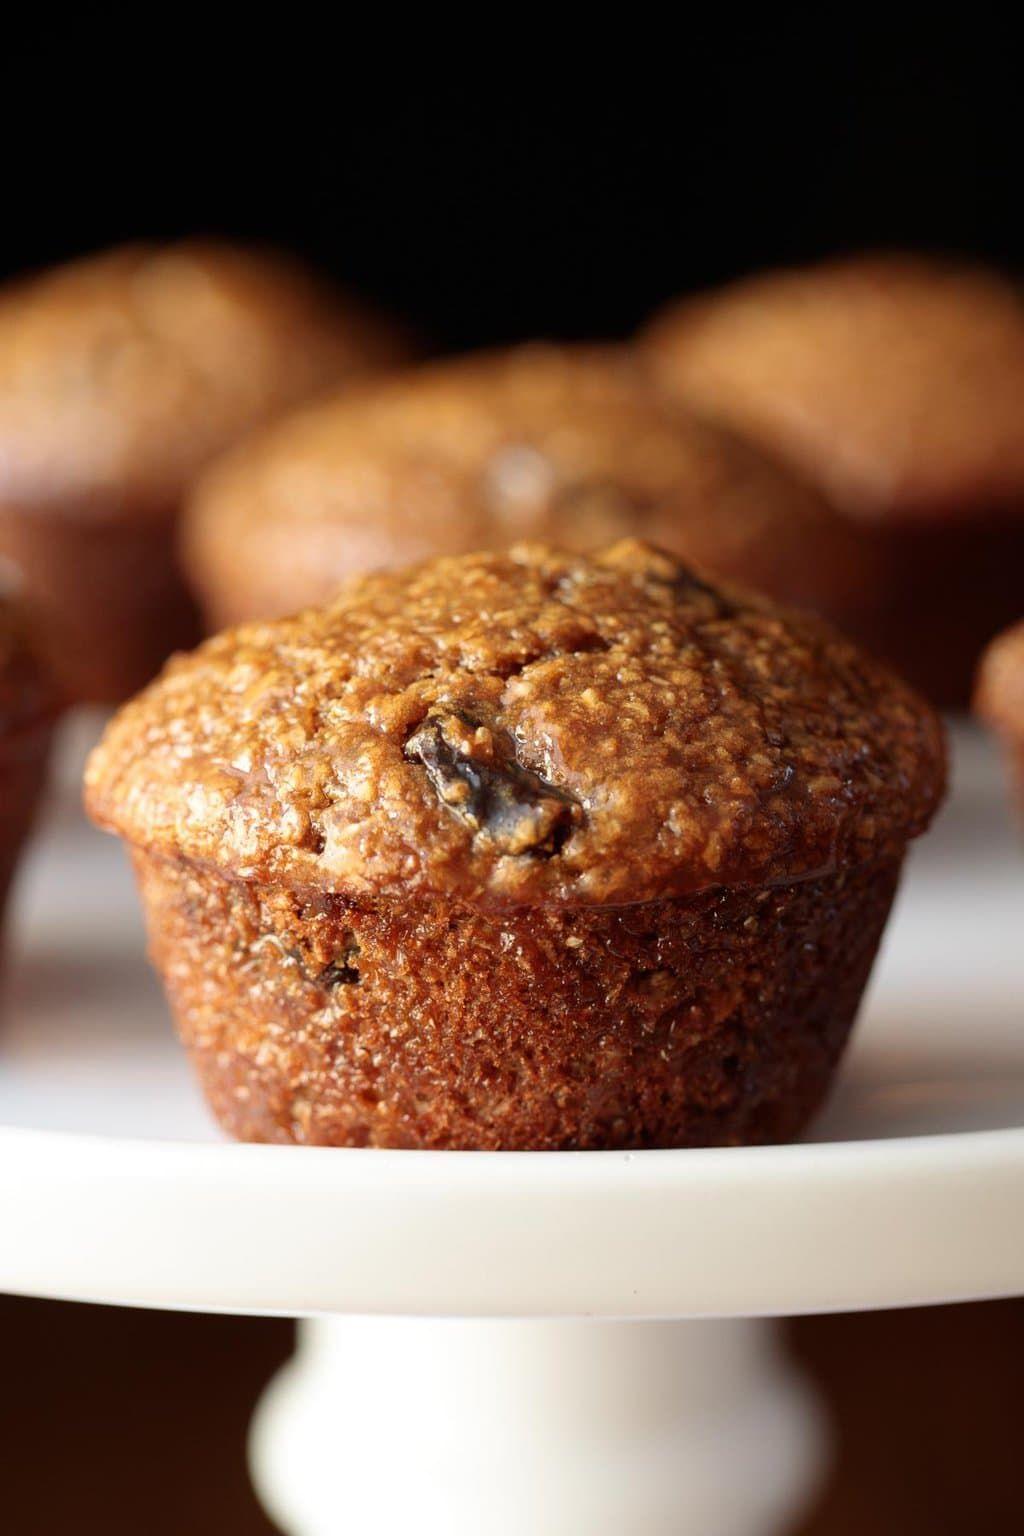 One Bowl Buttermilk Bran Muffins Recipe Buttermilk Bran Muffins Bran Muffin Recipes Baking Muffins